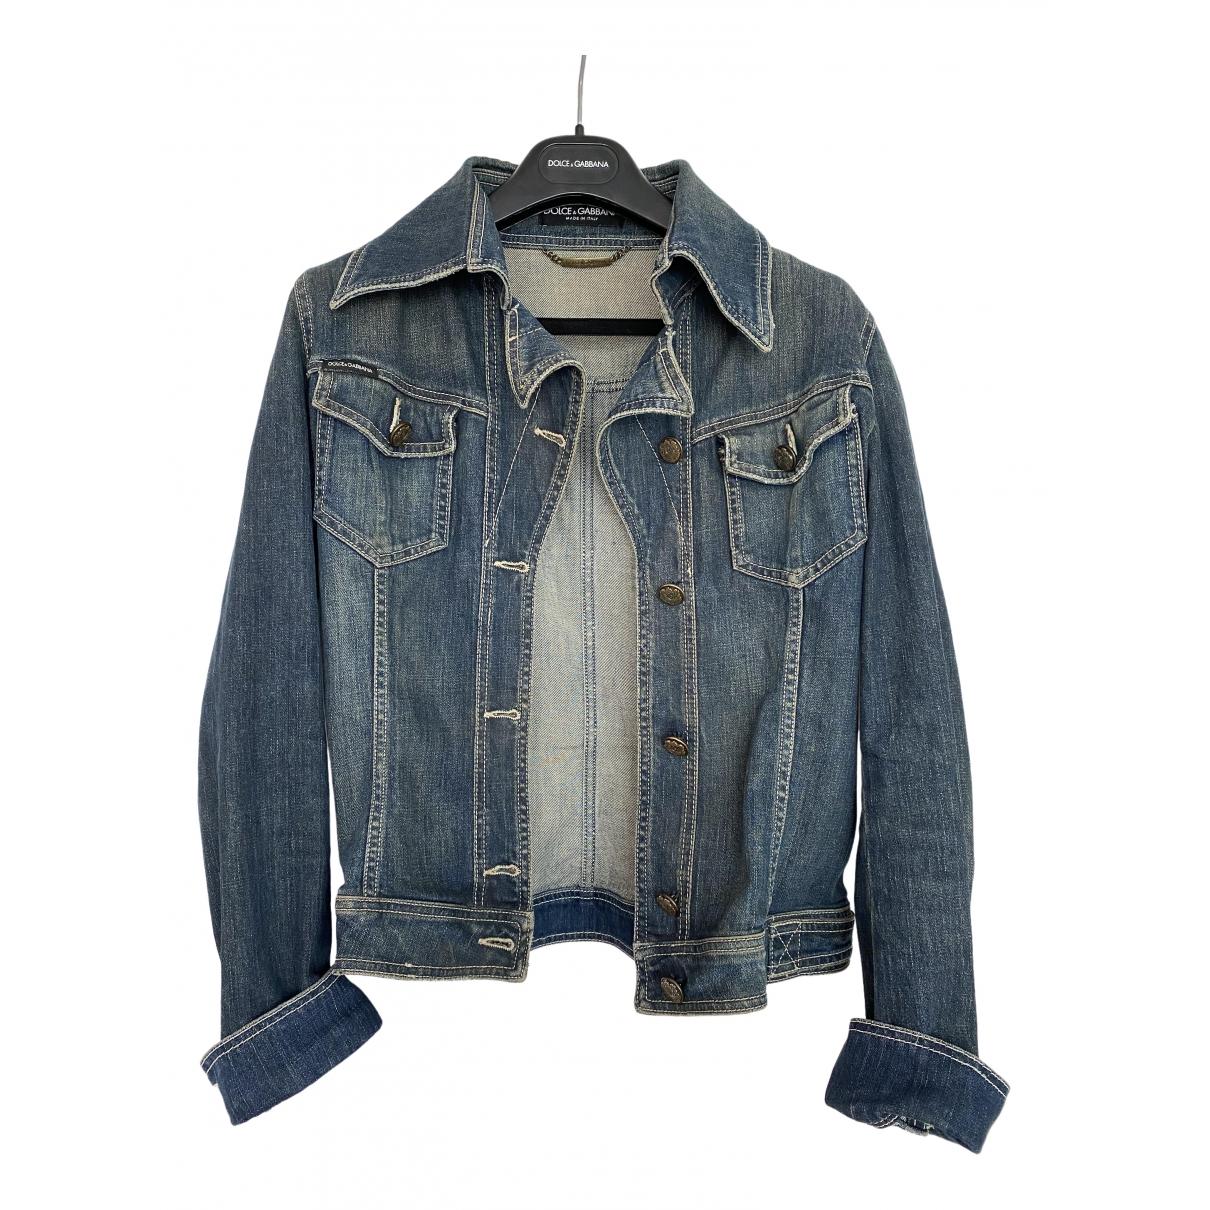 Dolce & Gabbana \N Blue Denim - Jeans jacket for Women 40 IT